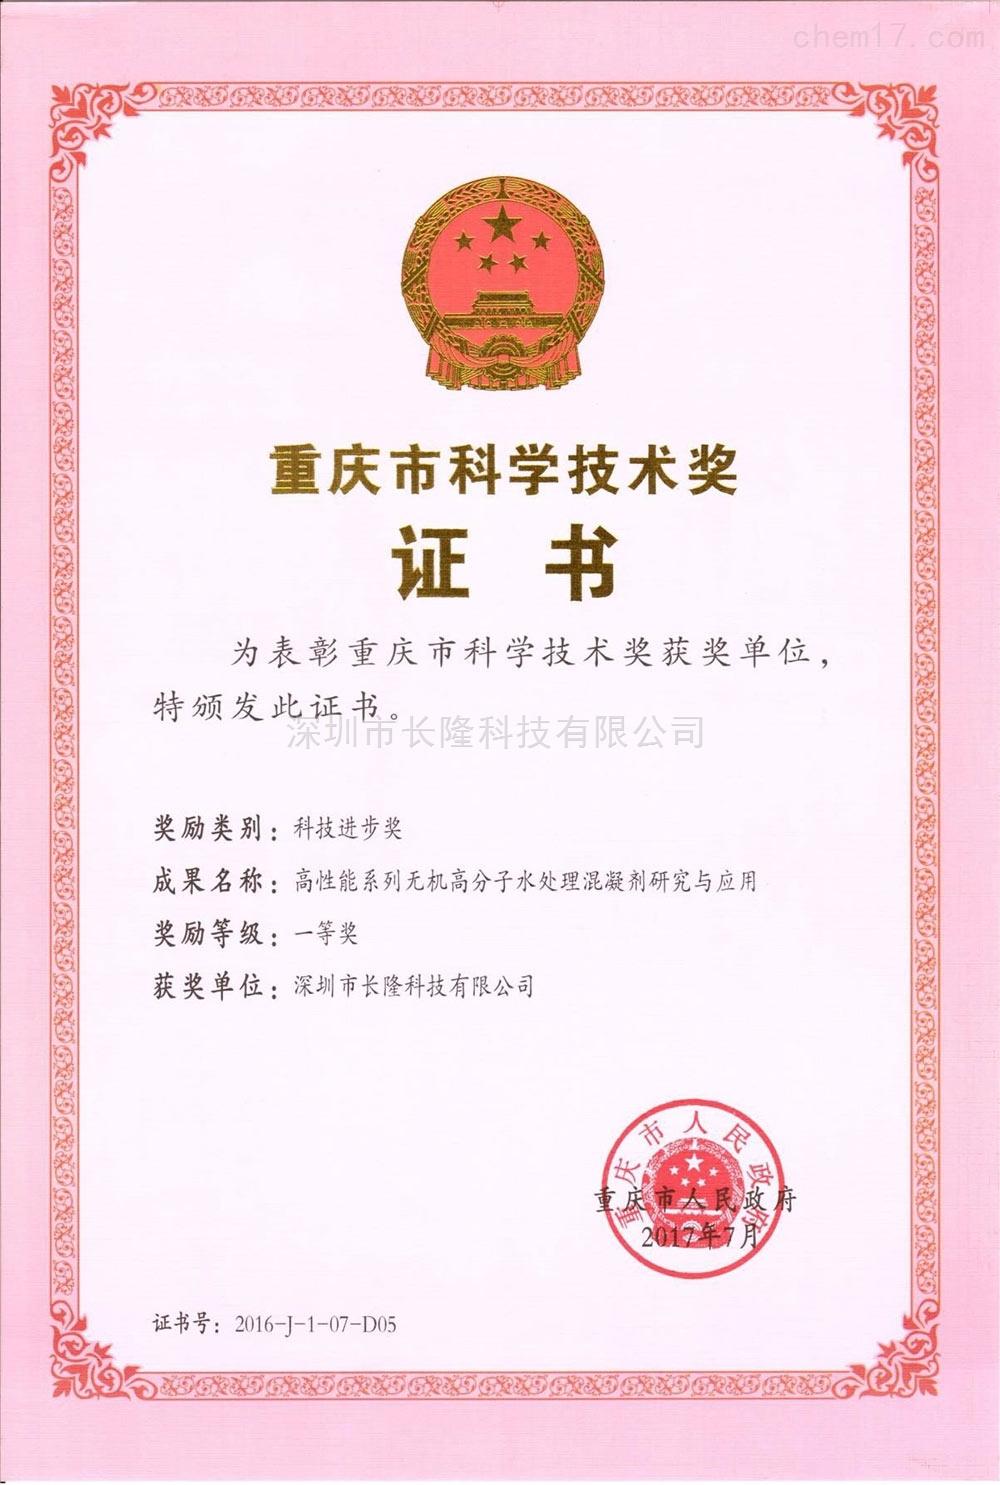 重庆市科学技术一等奖